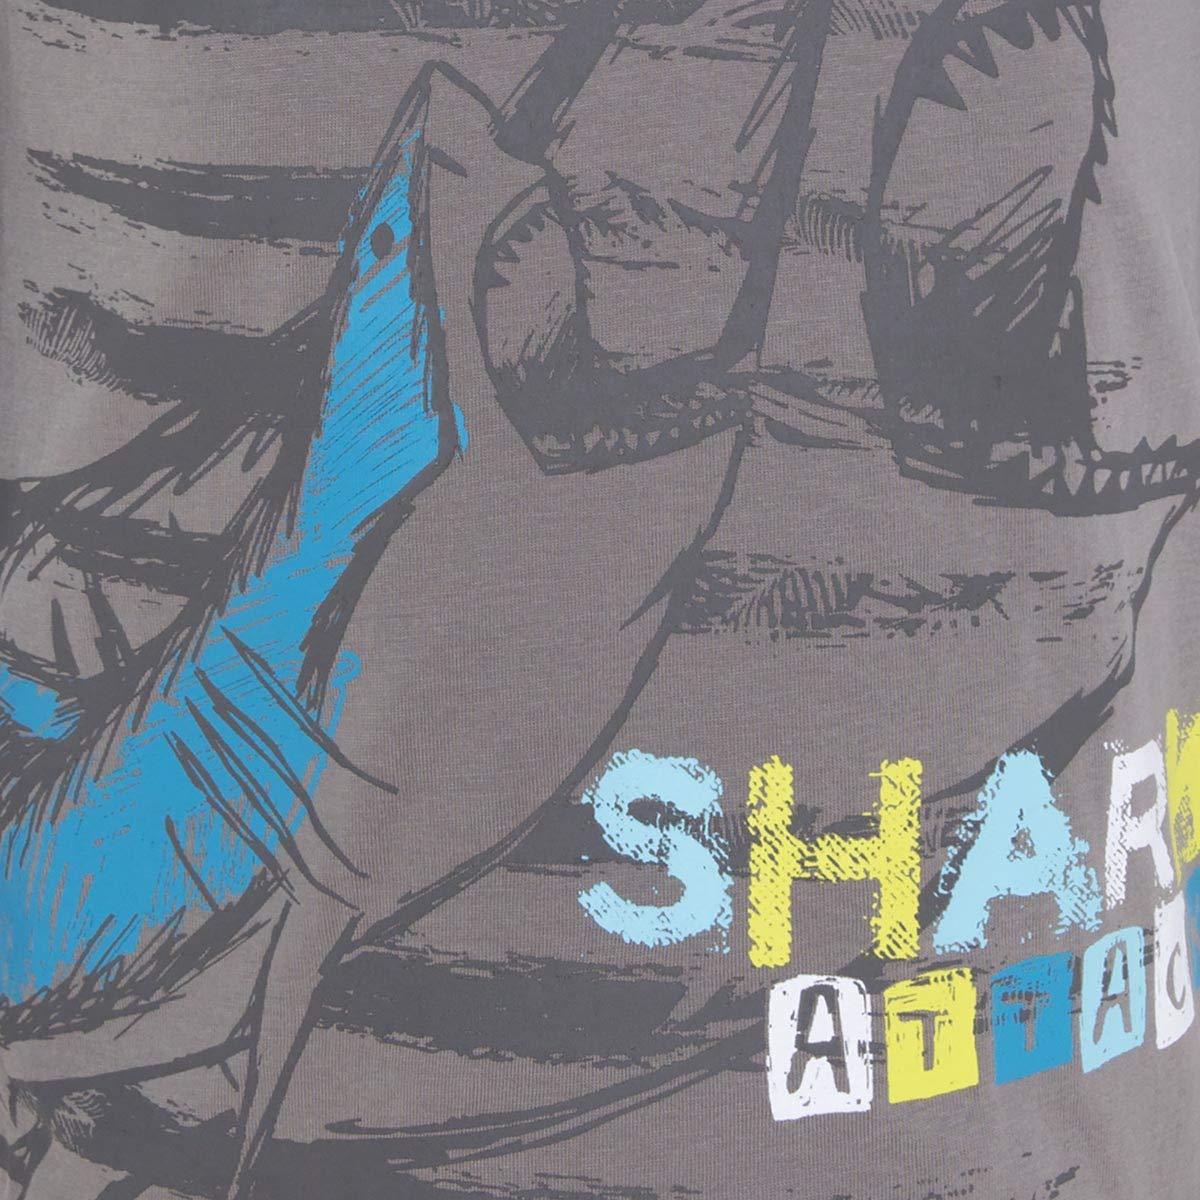 104//110 Grigio Taglia Produttore: 5A Tuc Tuc Camiseta Punto+Bermuda Estampada Felpa Ni/ño Summer Completino Bambino Gris 9